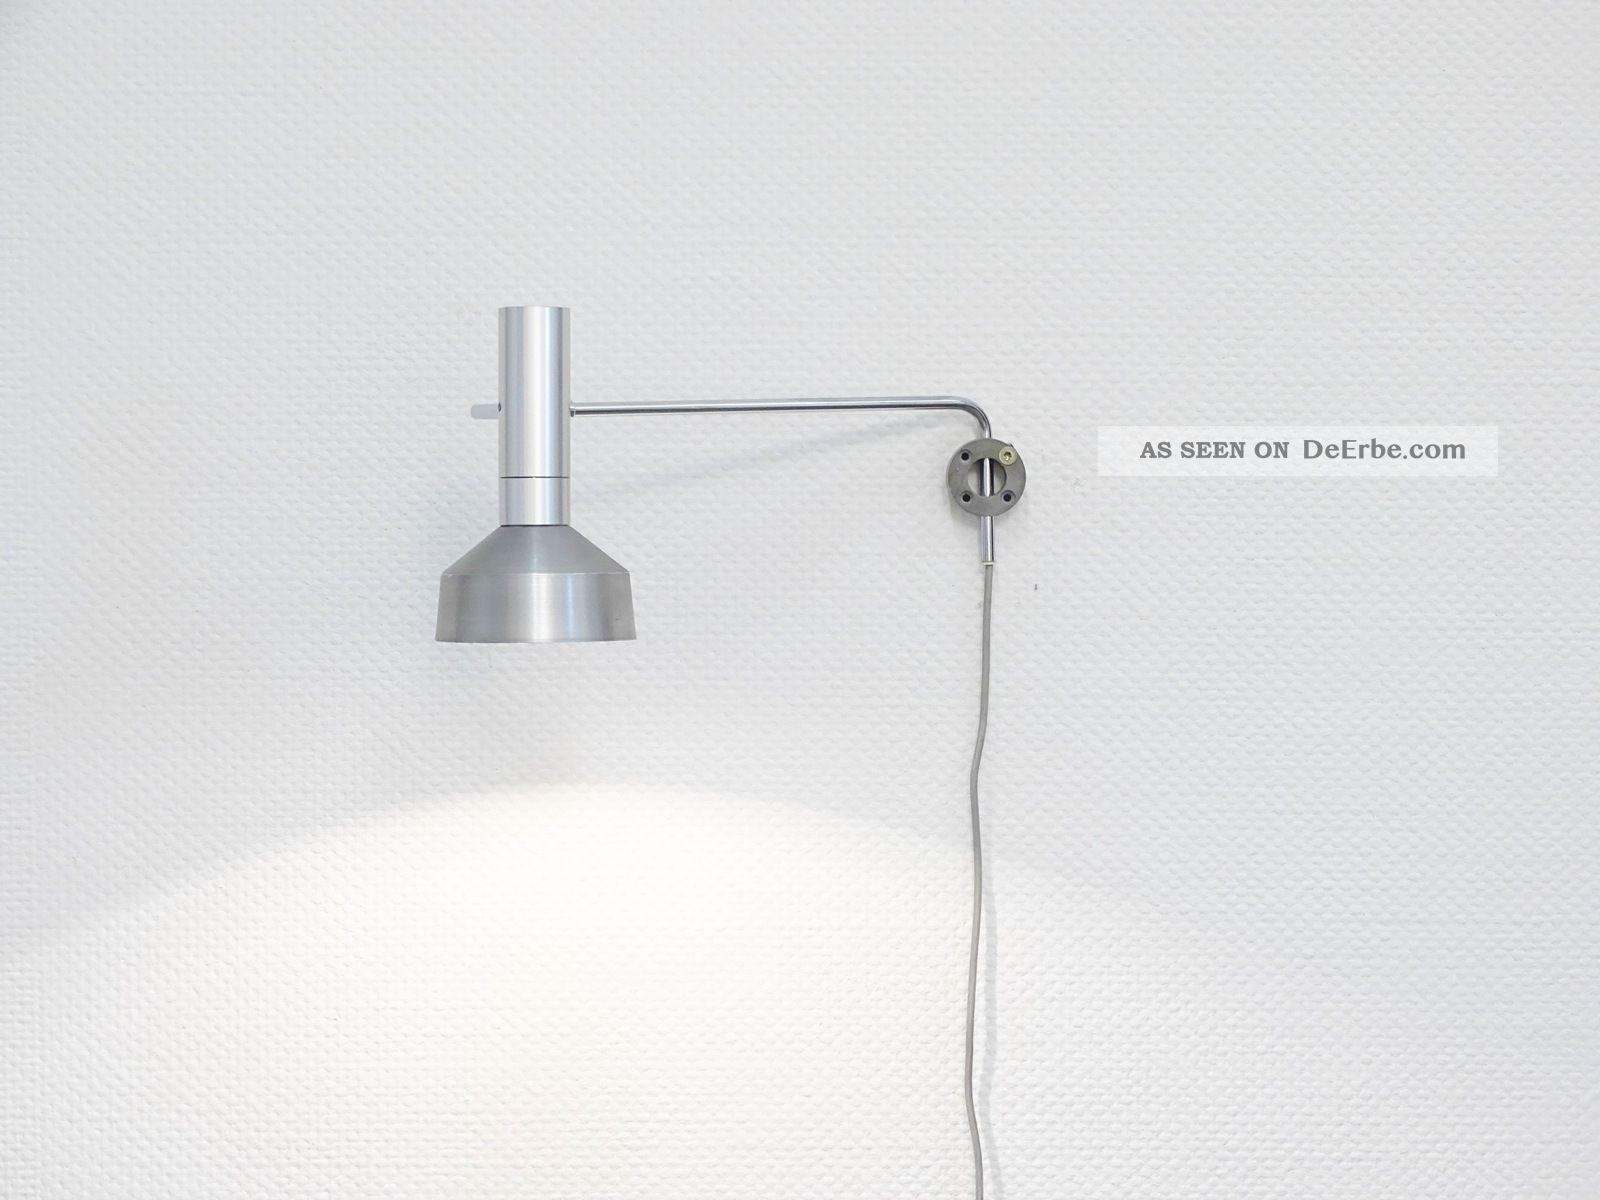 Rosemarie & Rico Baltensweiler Minilux Wallmounted Light Leselampe Wandleuchte 1960-1969 Bild